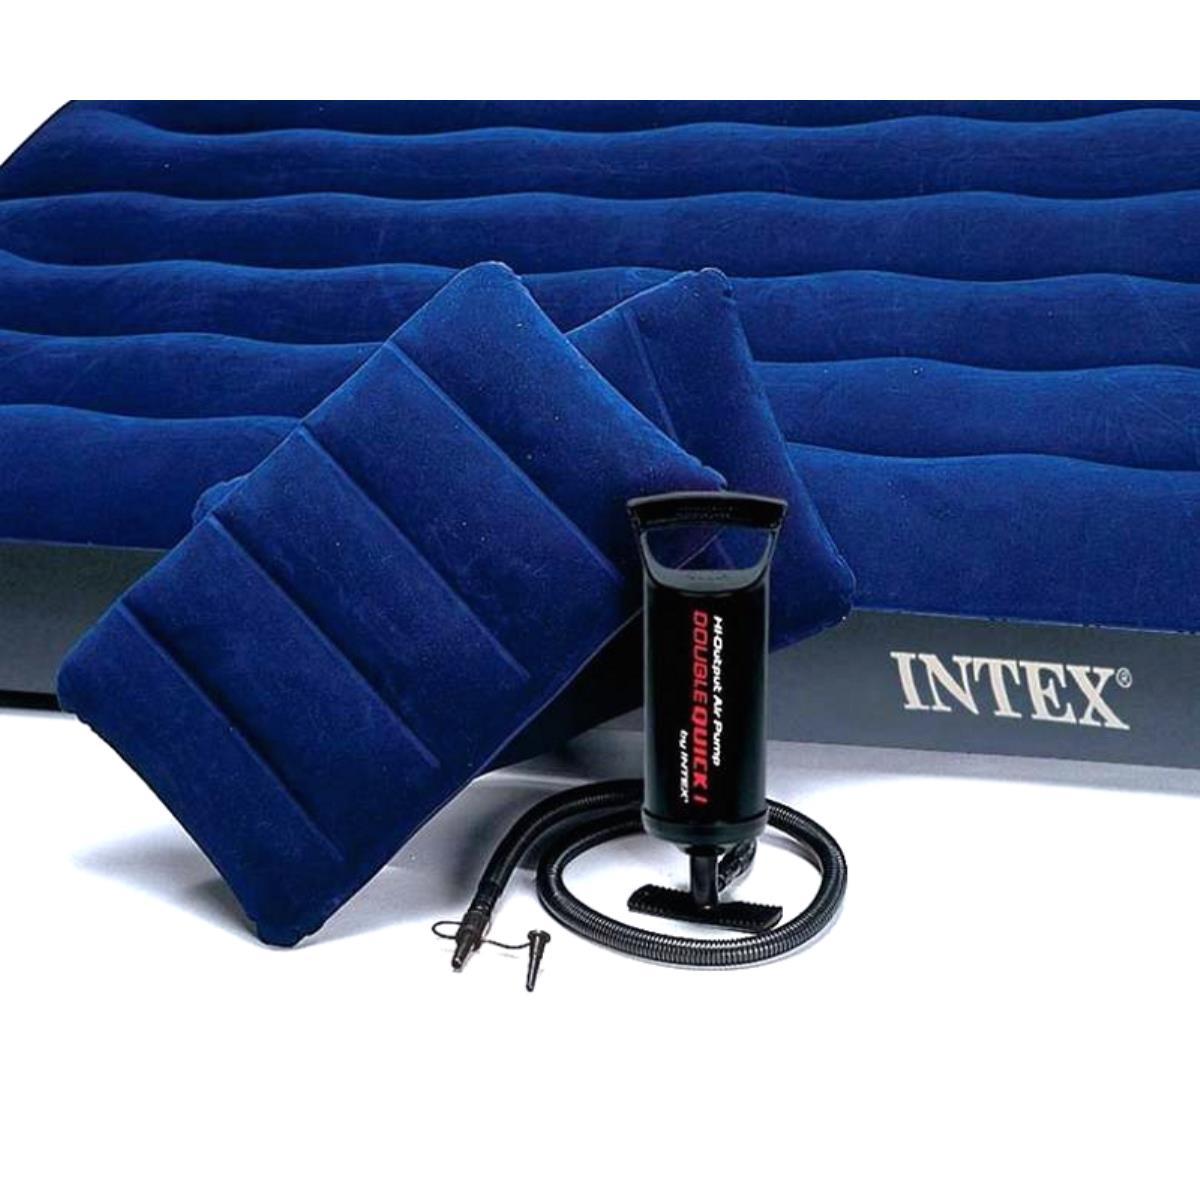 Mattress Camping Flock 152x203x25 Cm With 2 Pillows Mechanical Pump (64765) Intex